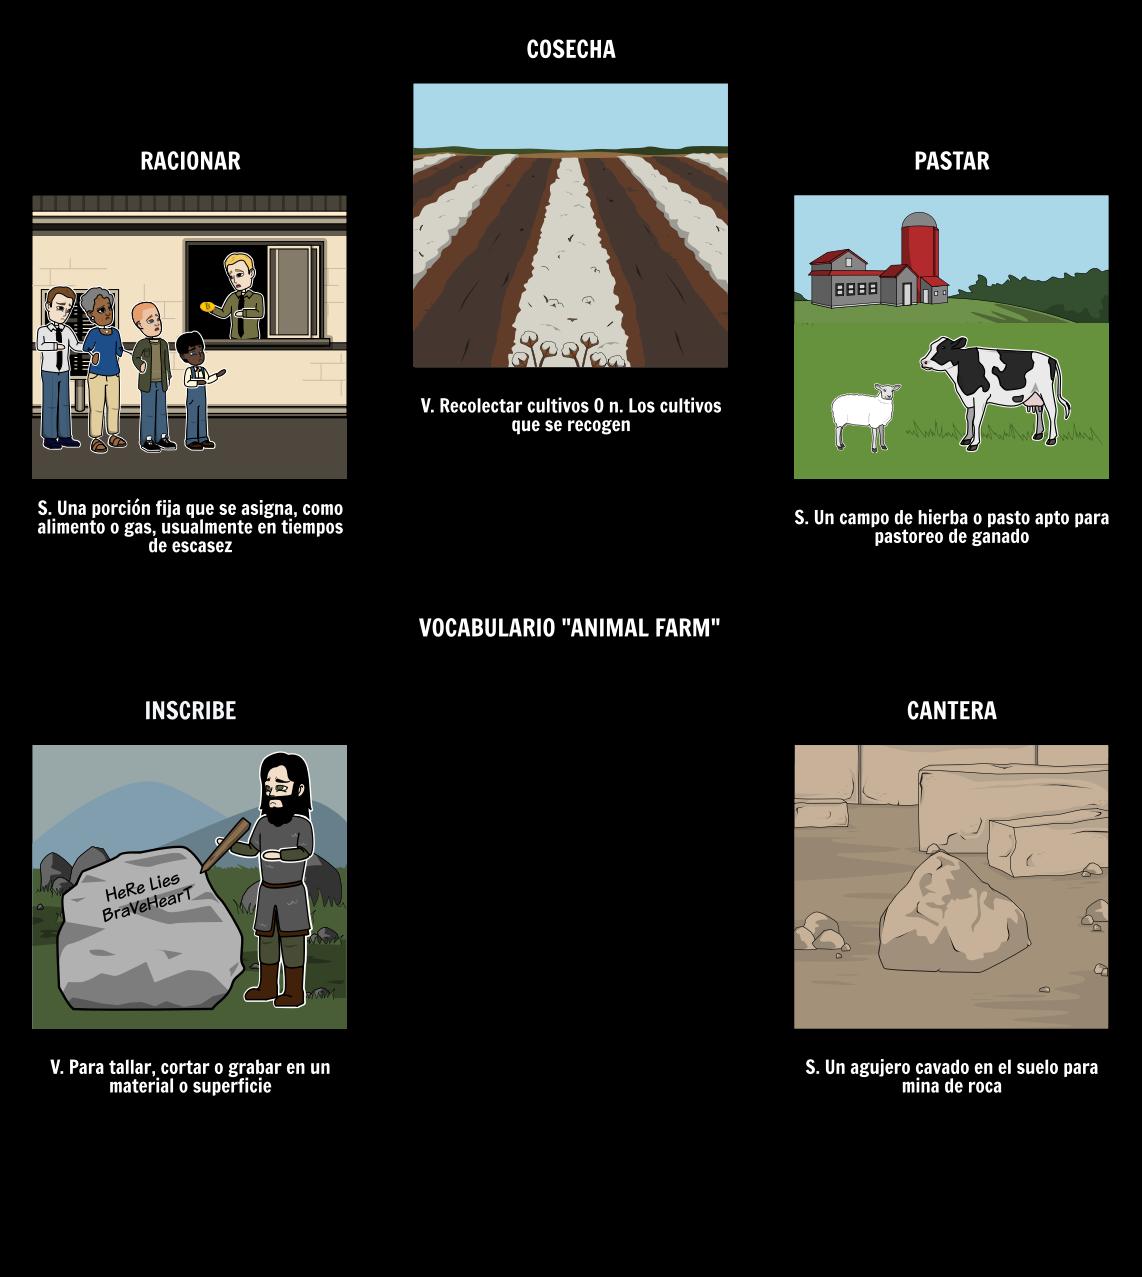 Alegoría de la Granja Para el Comunismo   Personajes de la Granja Animal